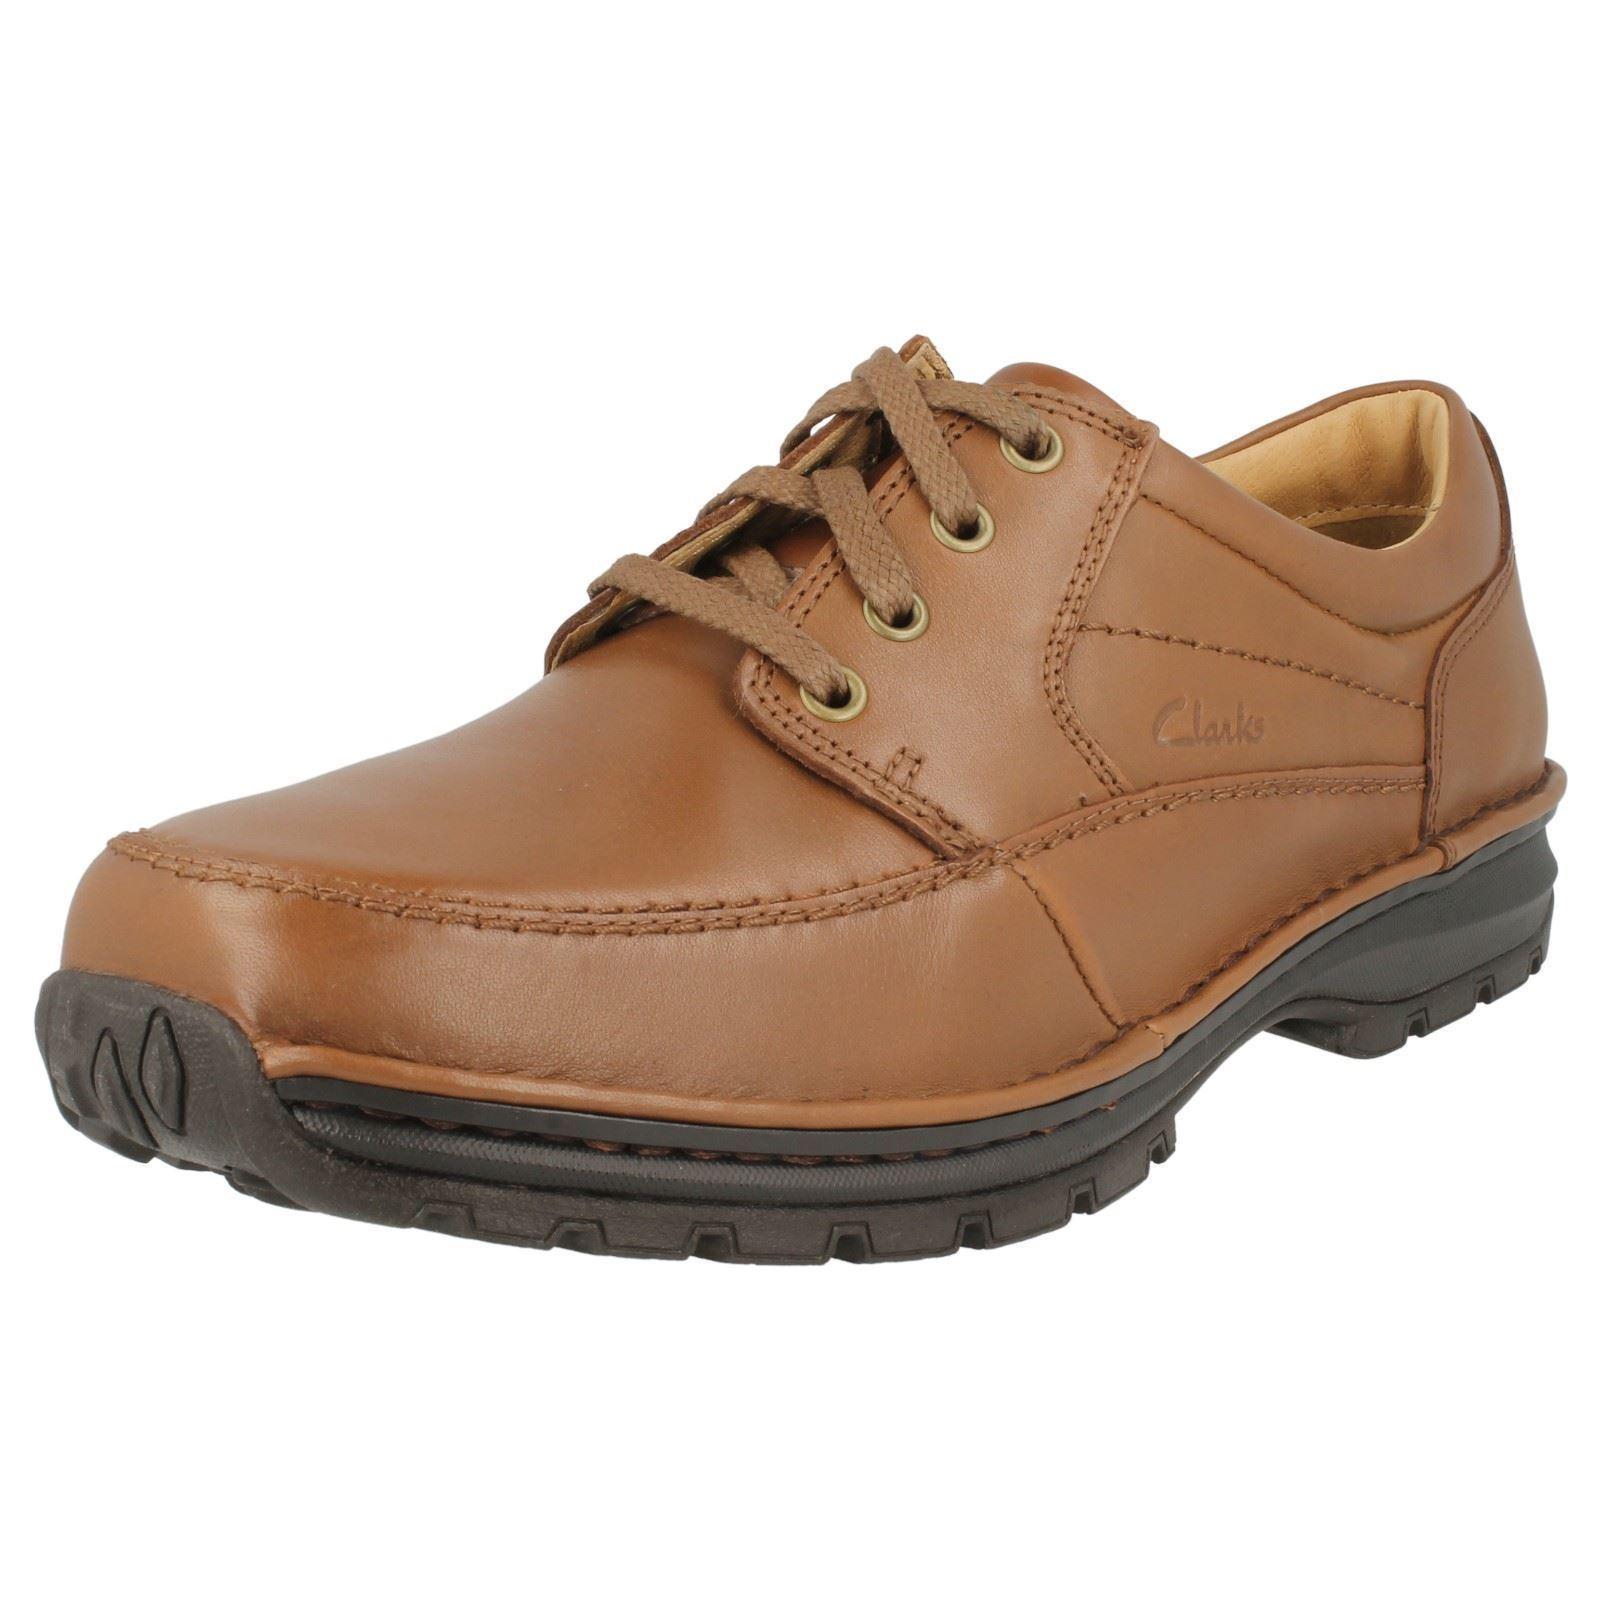 'Hombre Clarks' Zapatos Casual Con Cordones - sidmouthkey